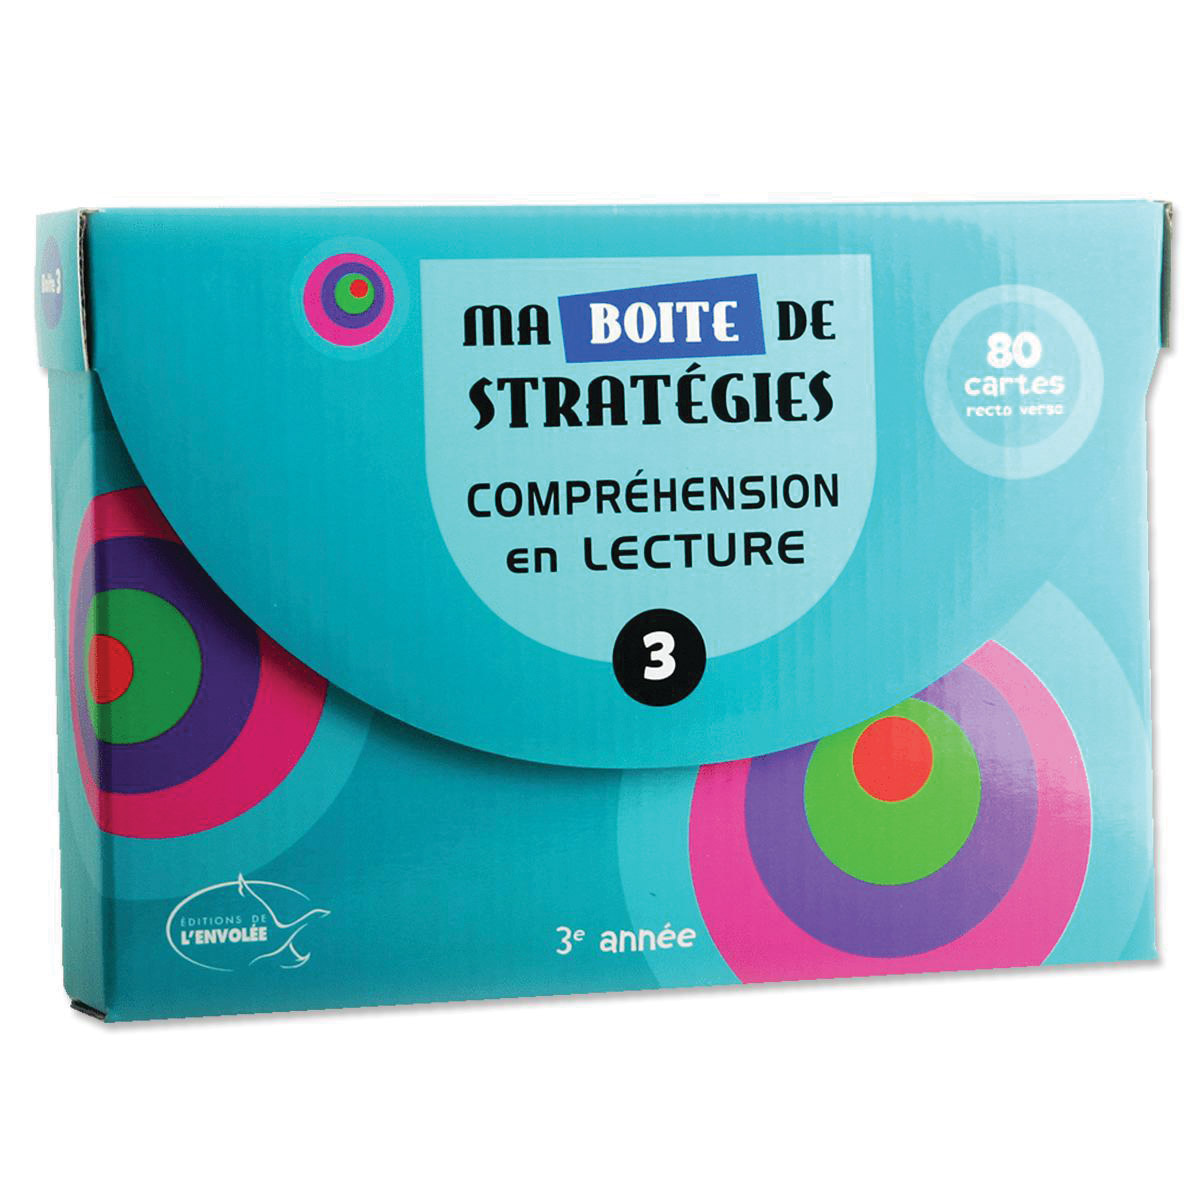 Ma boîte de stratégies : Compréhension en lecture 3